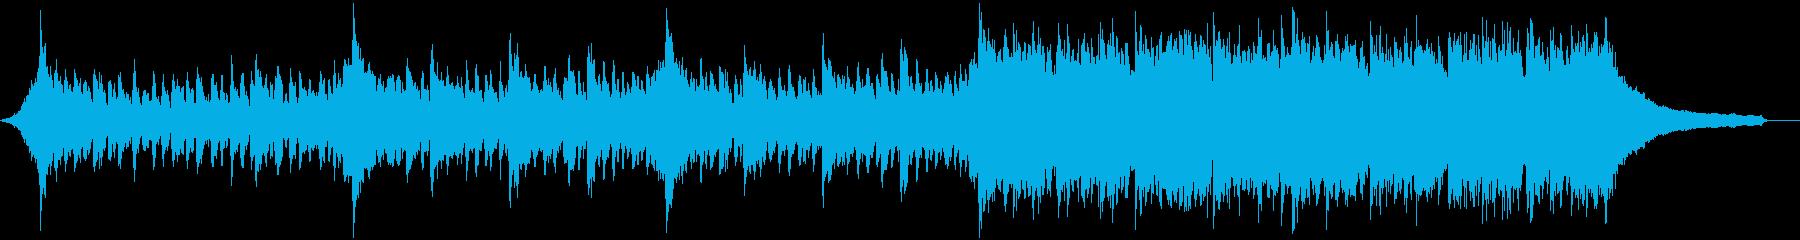 企業VP映像、112オーケストラ、壮大bの再生済みの波形